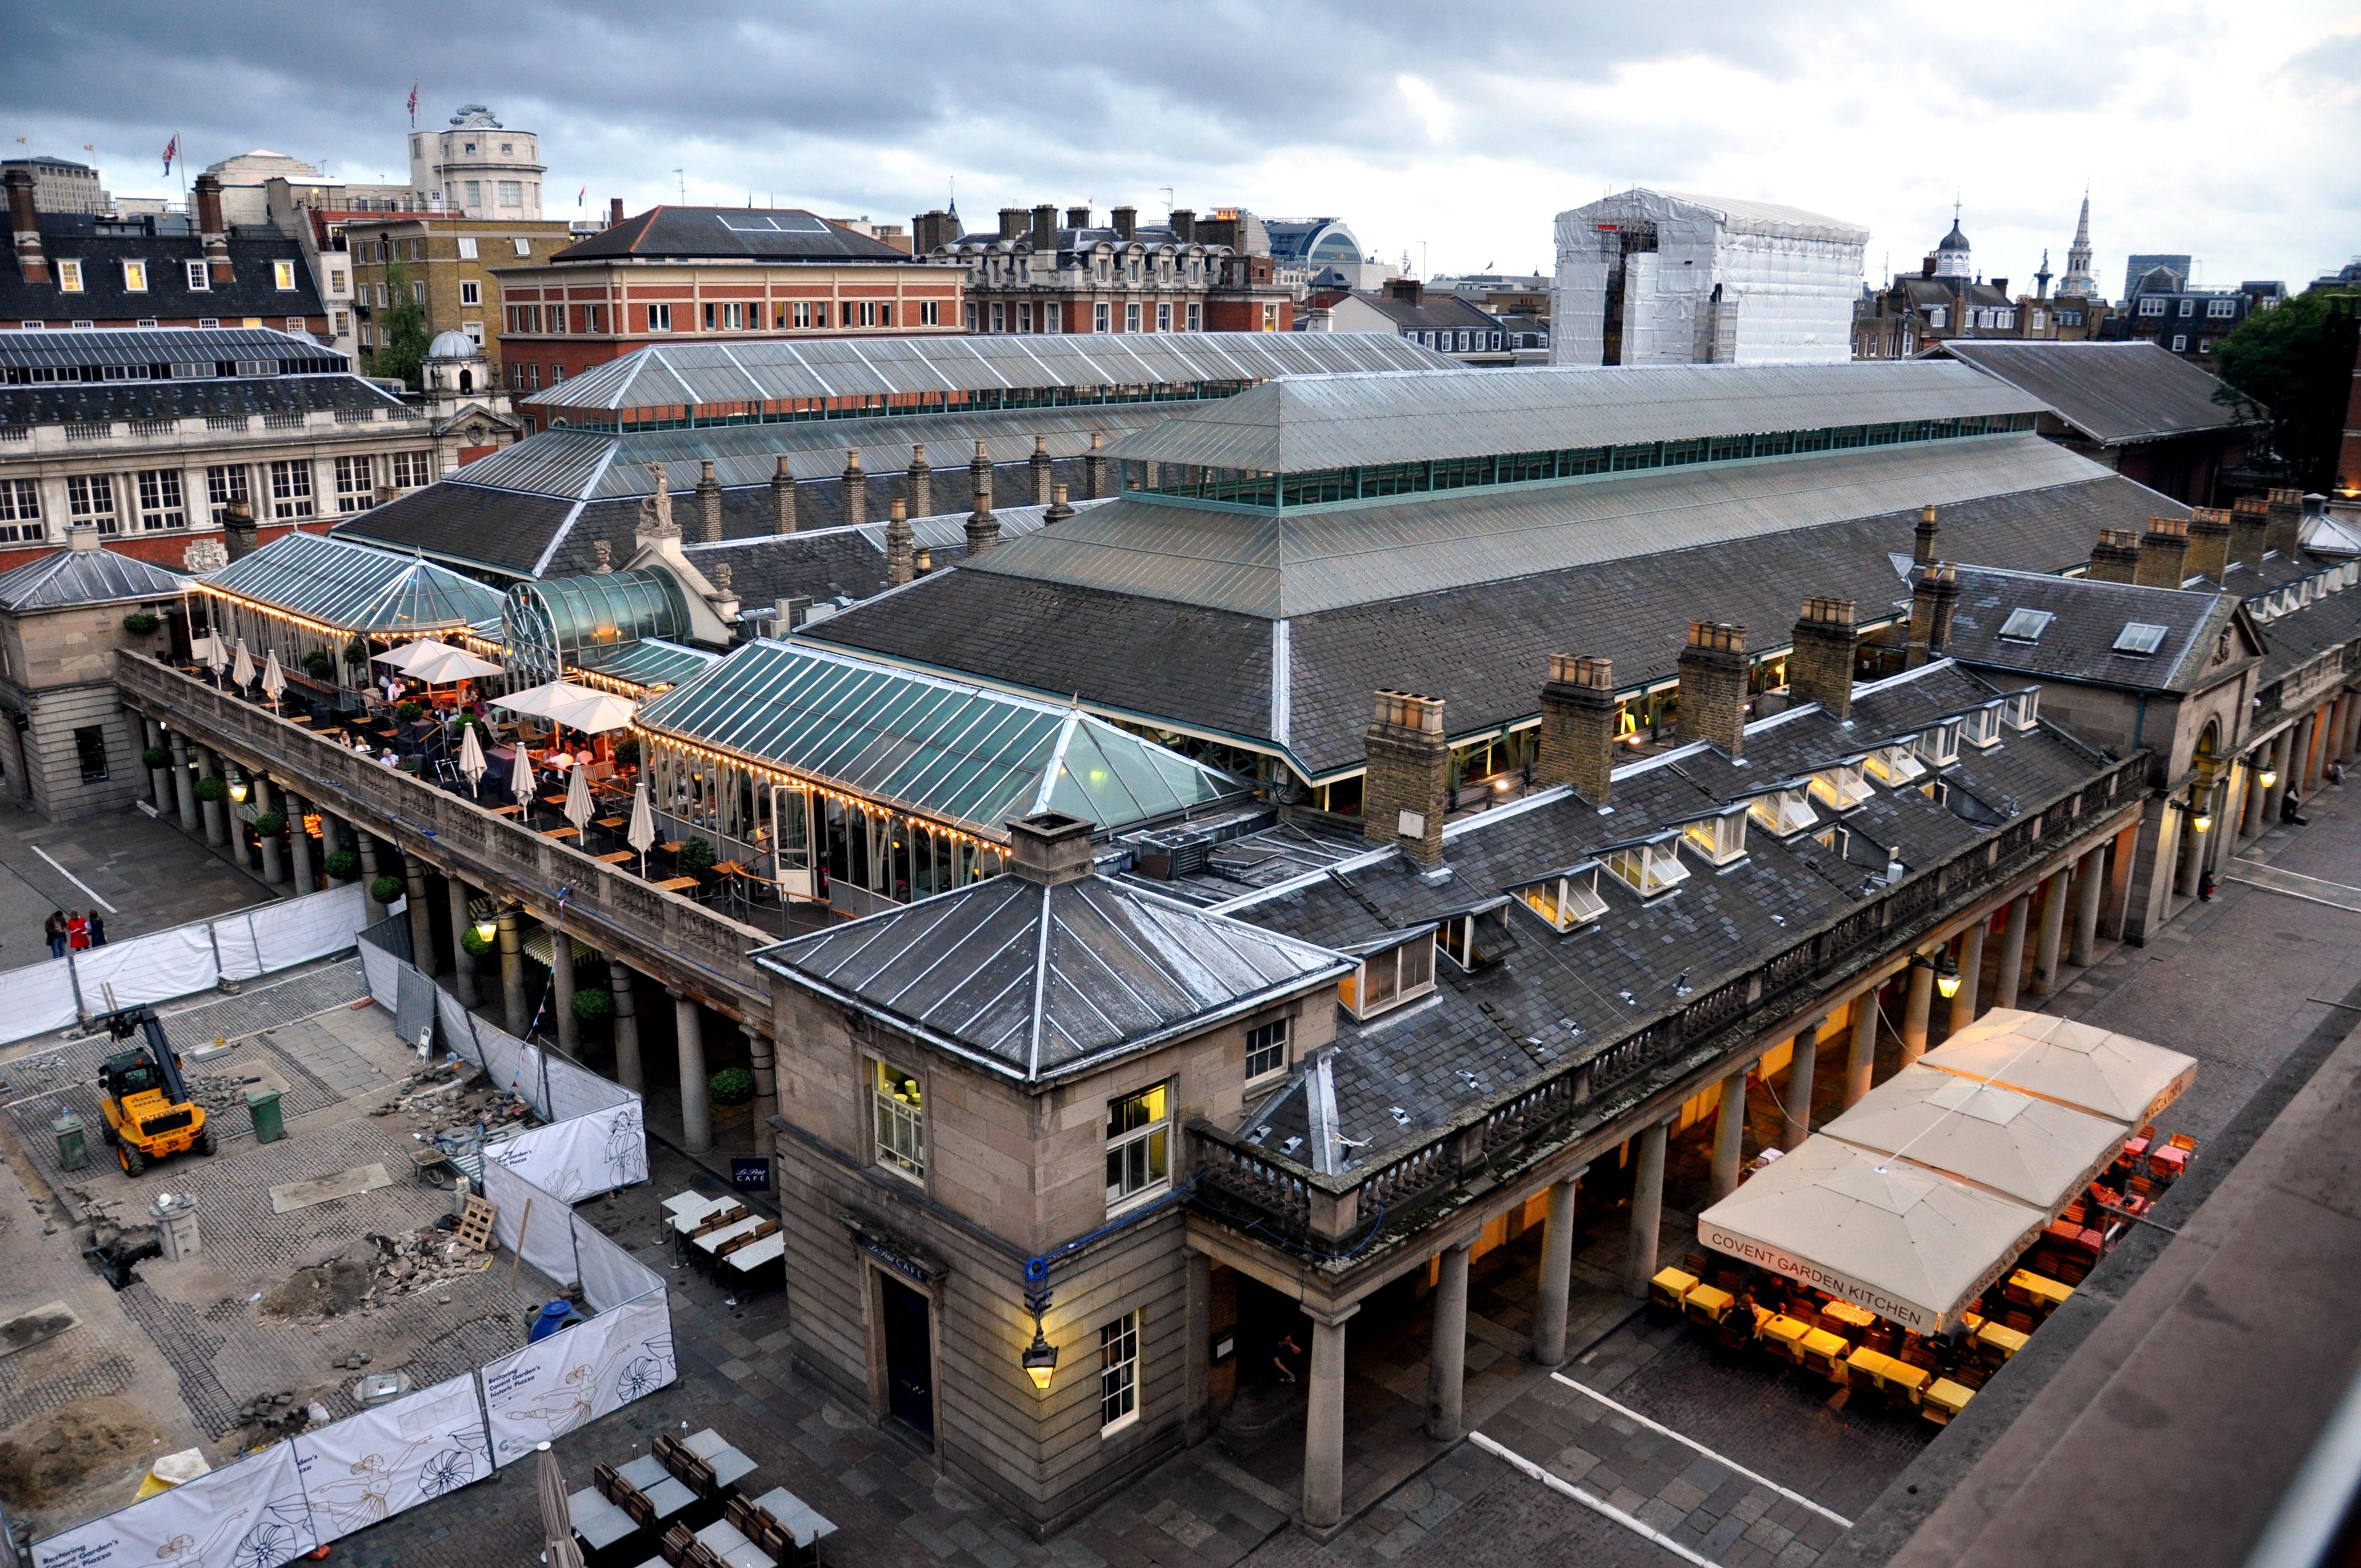 File Covent Garden Market 2011 Jpg Wikimedia Commons